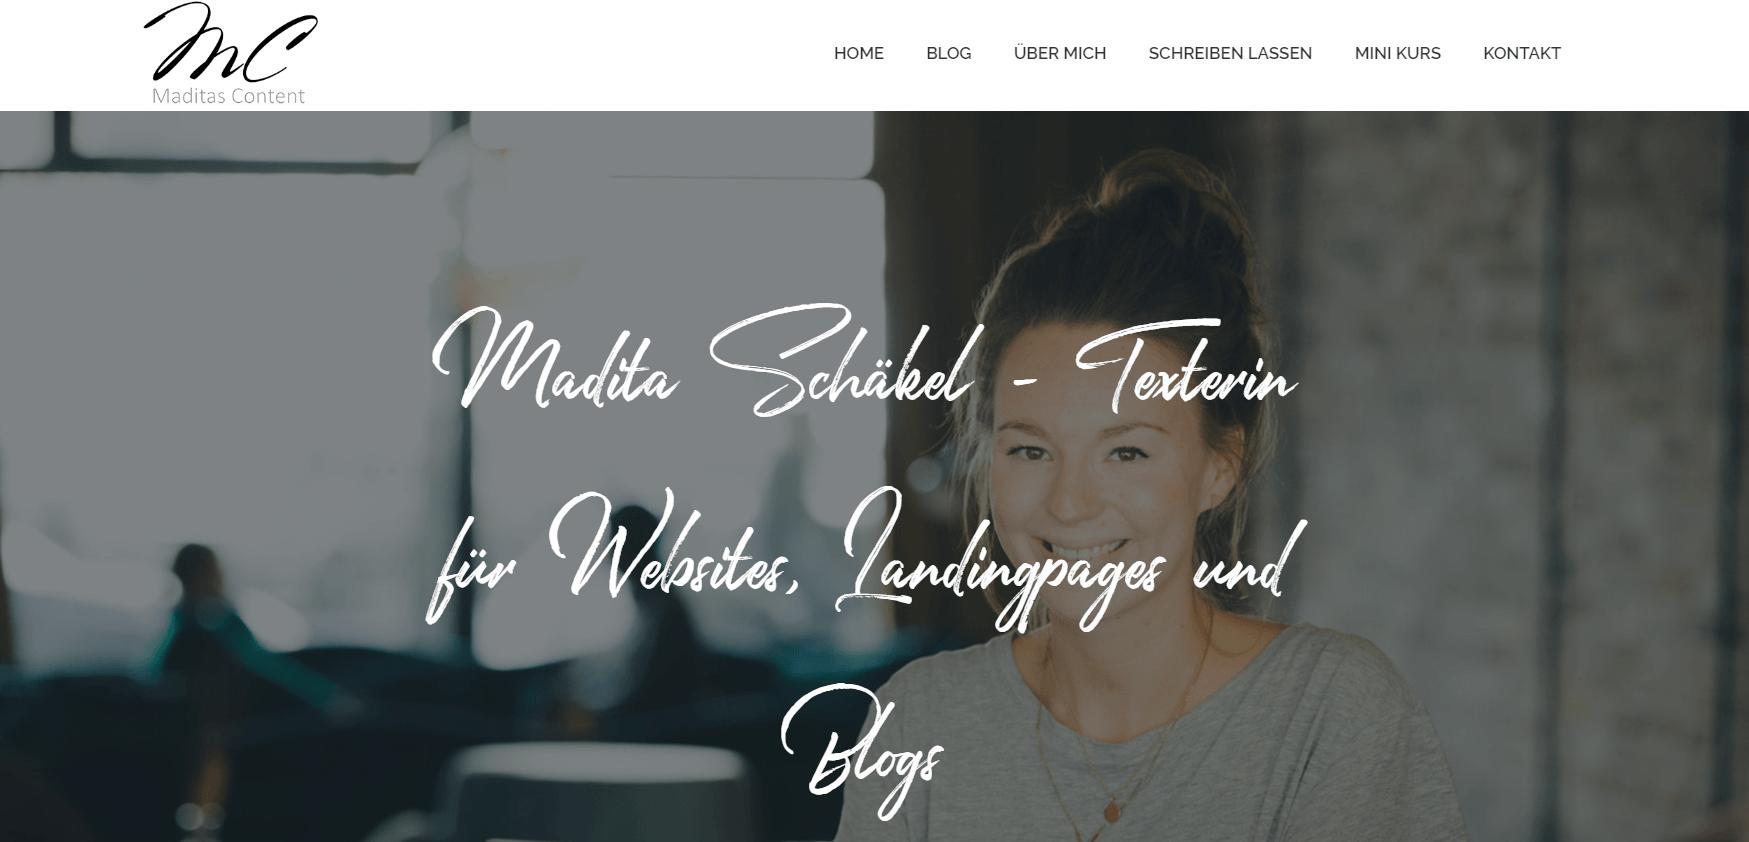 Beispiel-Seite für Freelance-Copywriterin